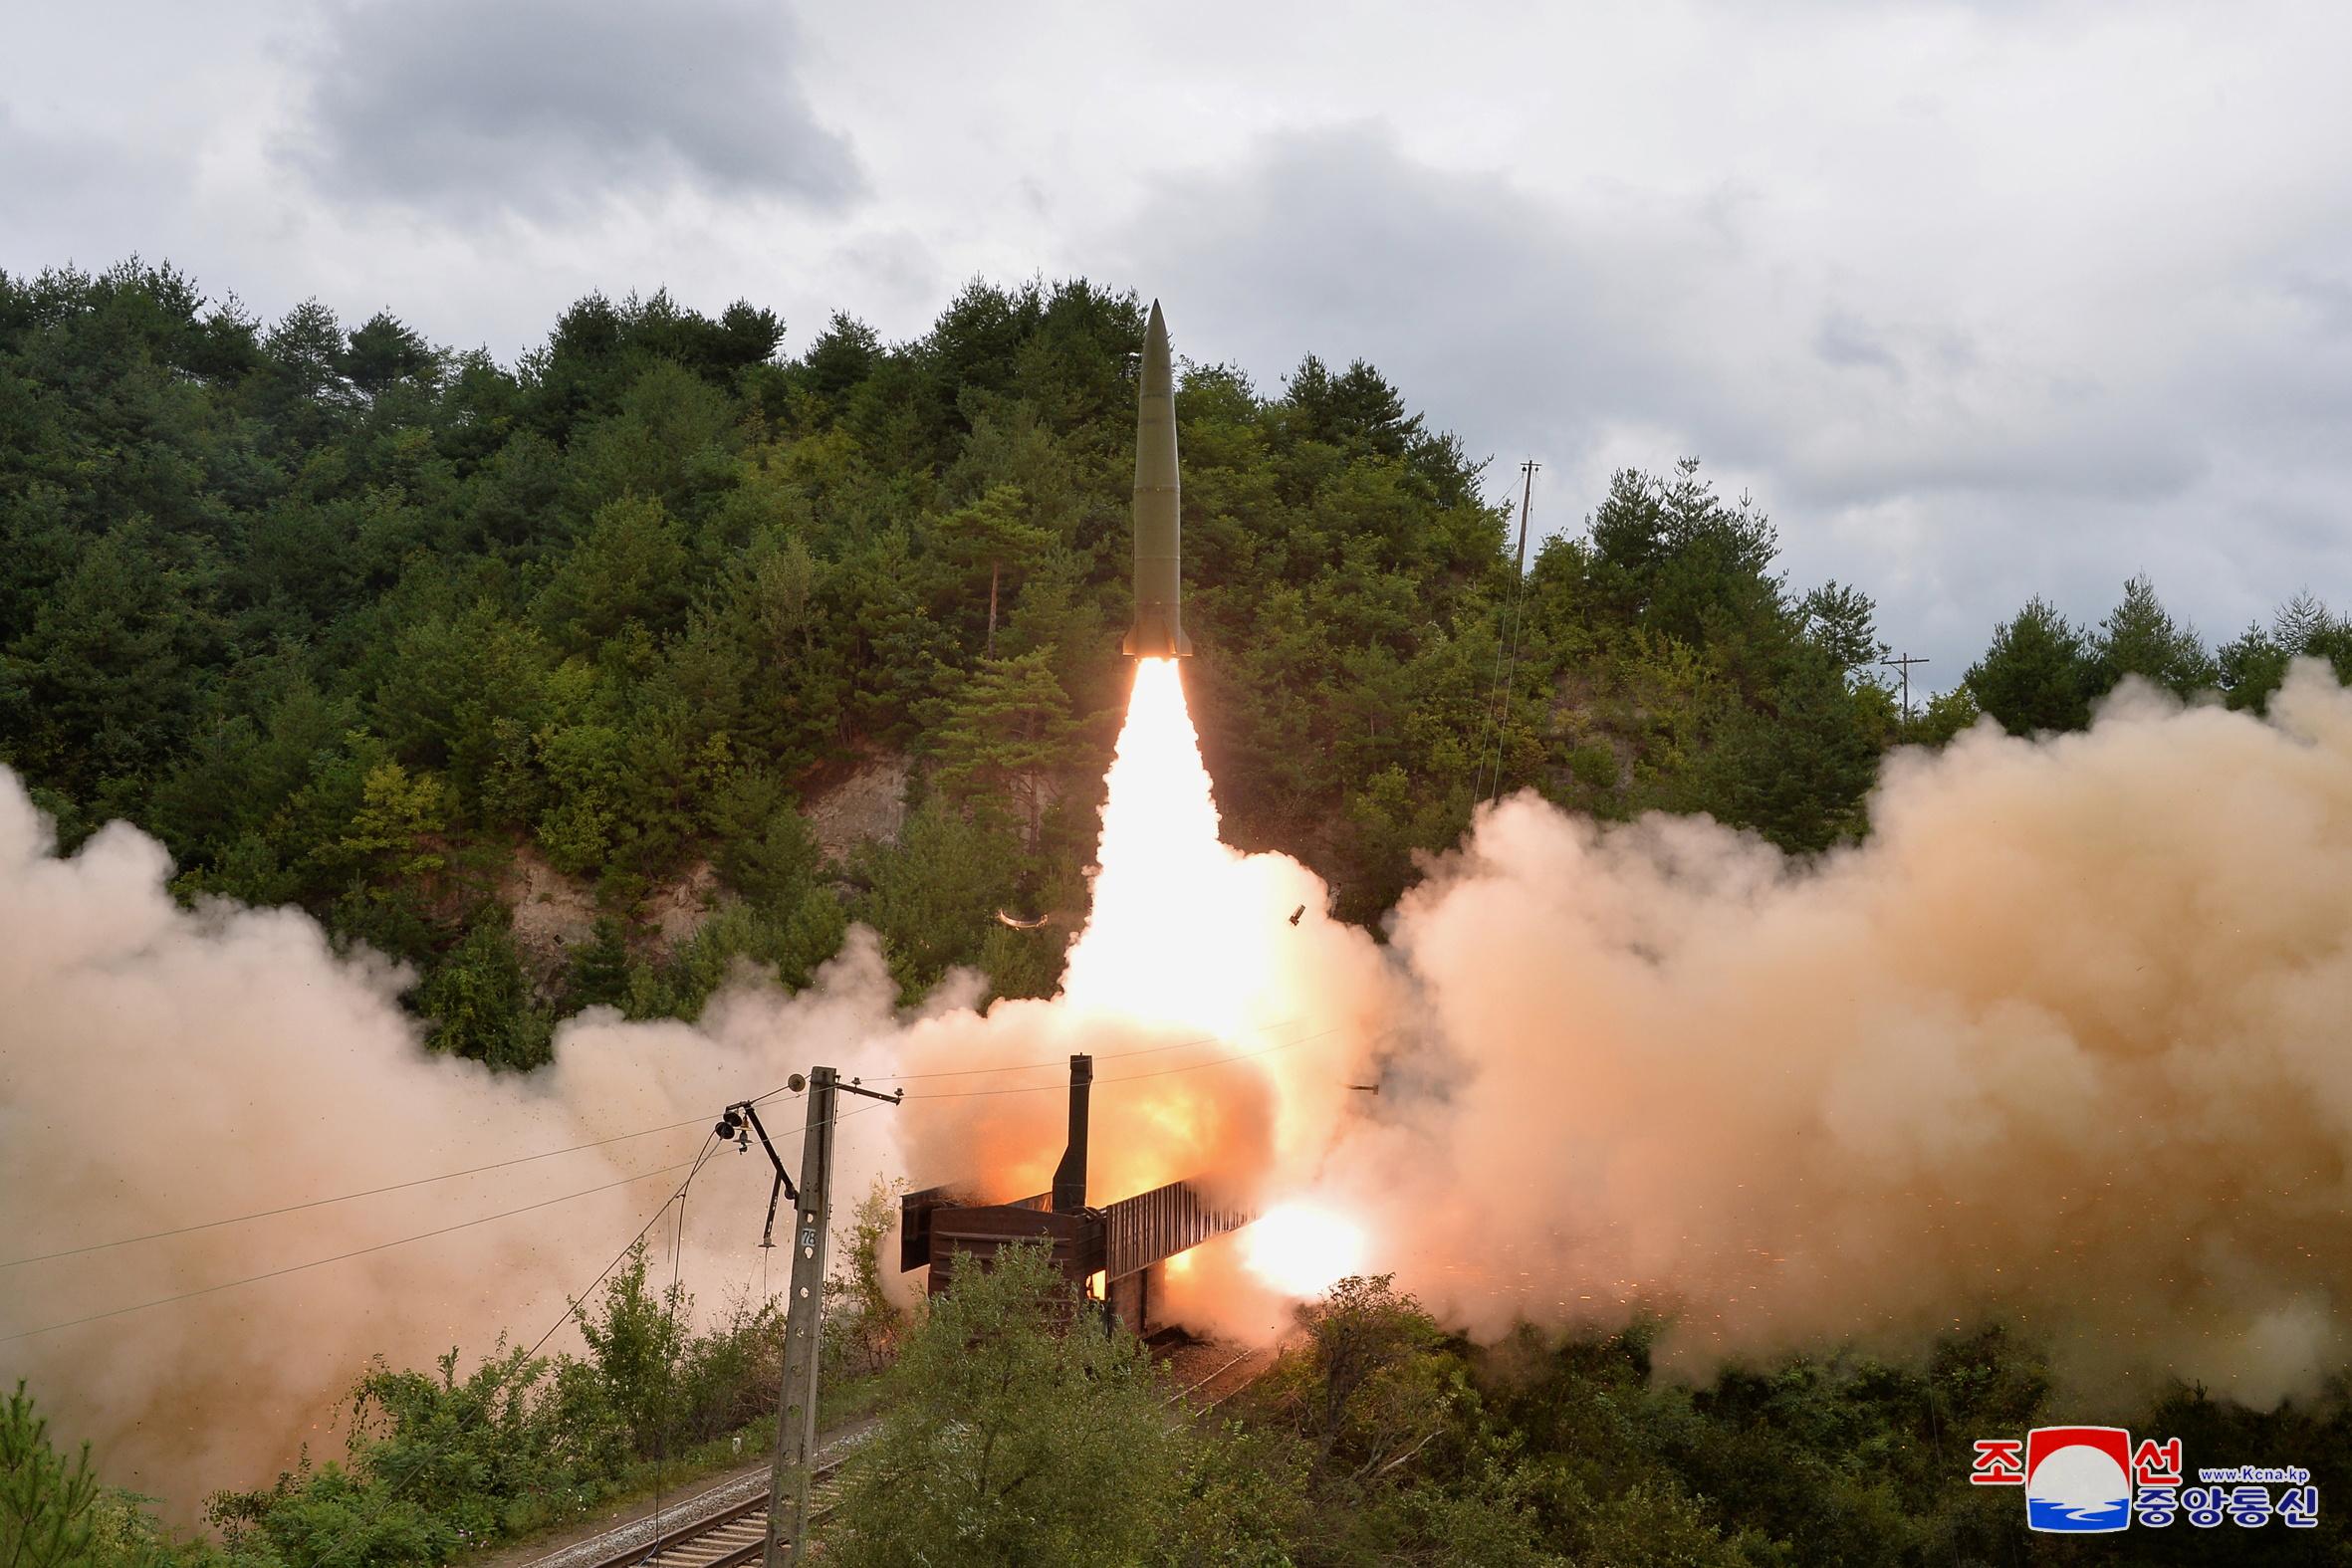 Λύθηκε το «μυστήριο»: Η Βόρεια Κορέα εκτόξευσε βαλλιστικούς πυραύλους μέσα από… τρένο